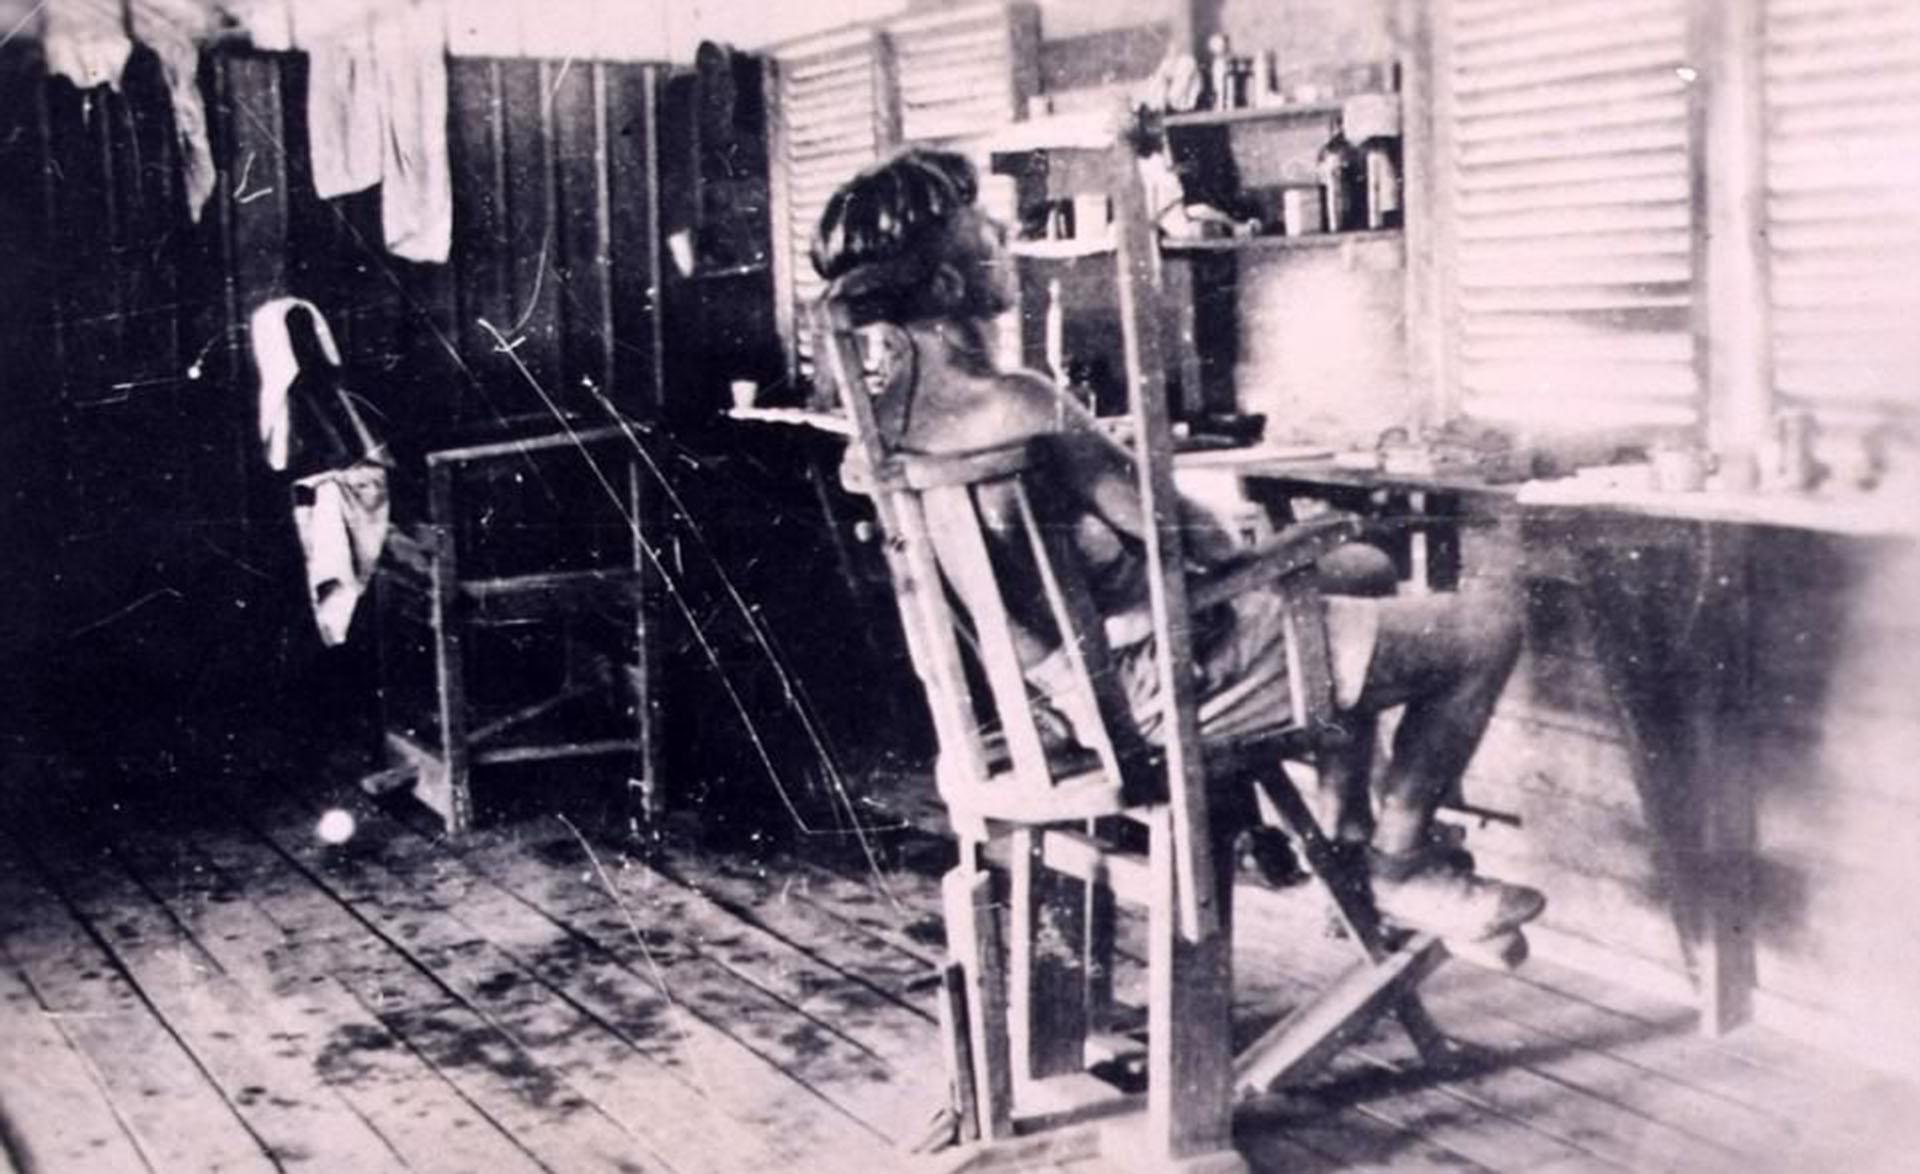 Un prisionero de guerrasentado en una silla de tortura en uno de los campos japoneses